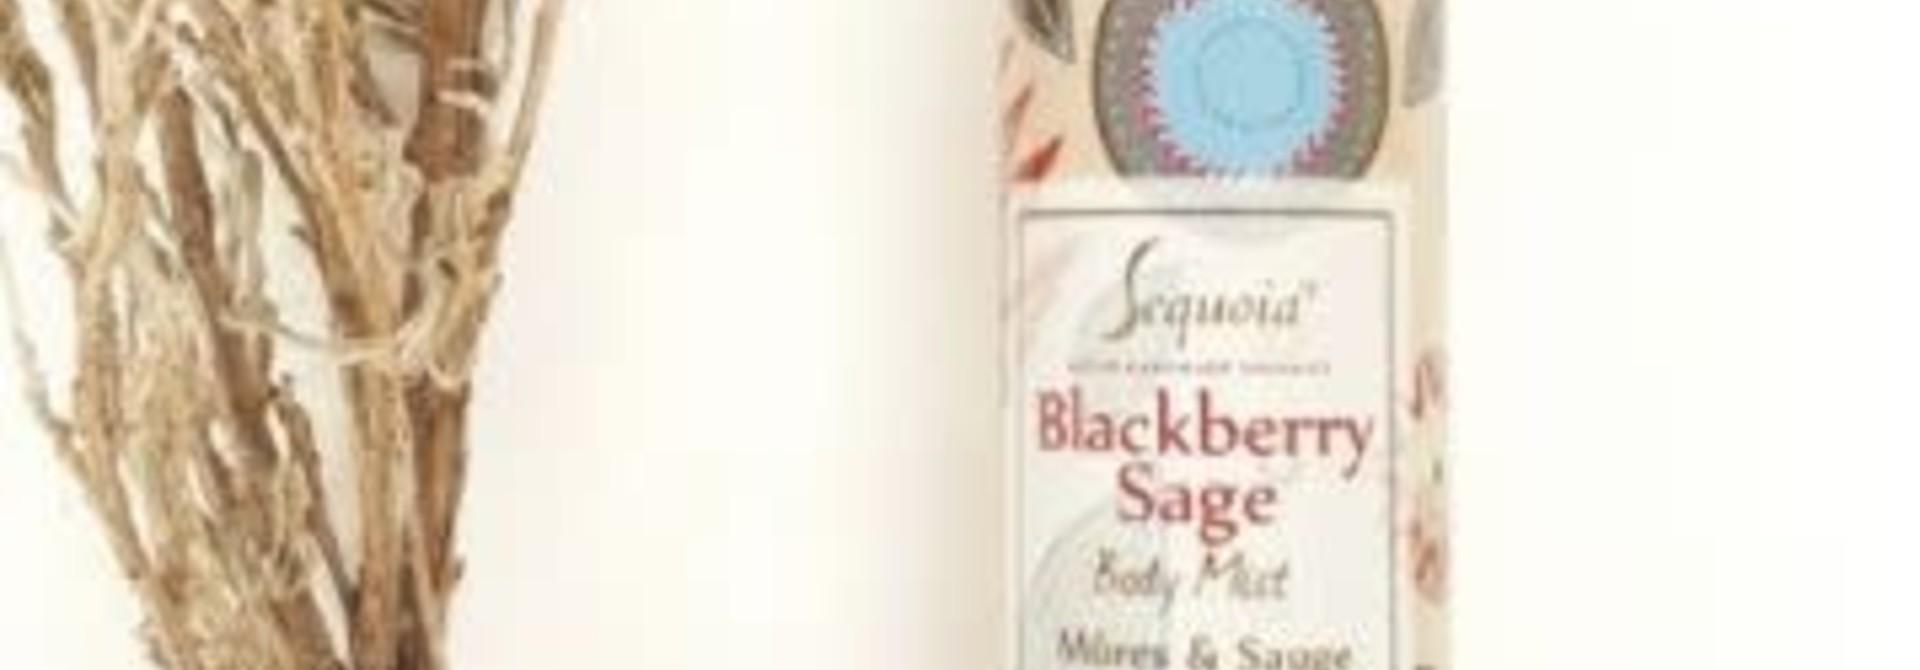 Sequoia 2.5 oz Body Mist-Blackberry Sage